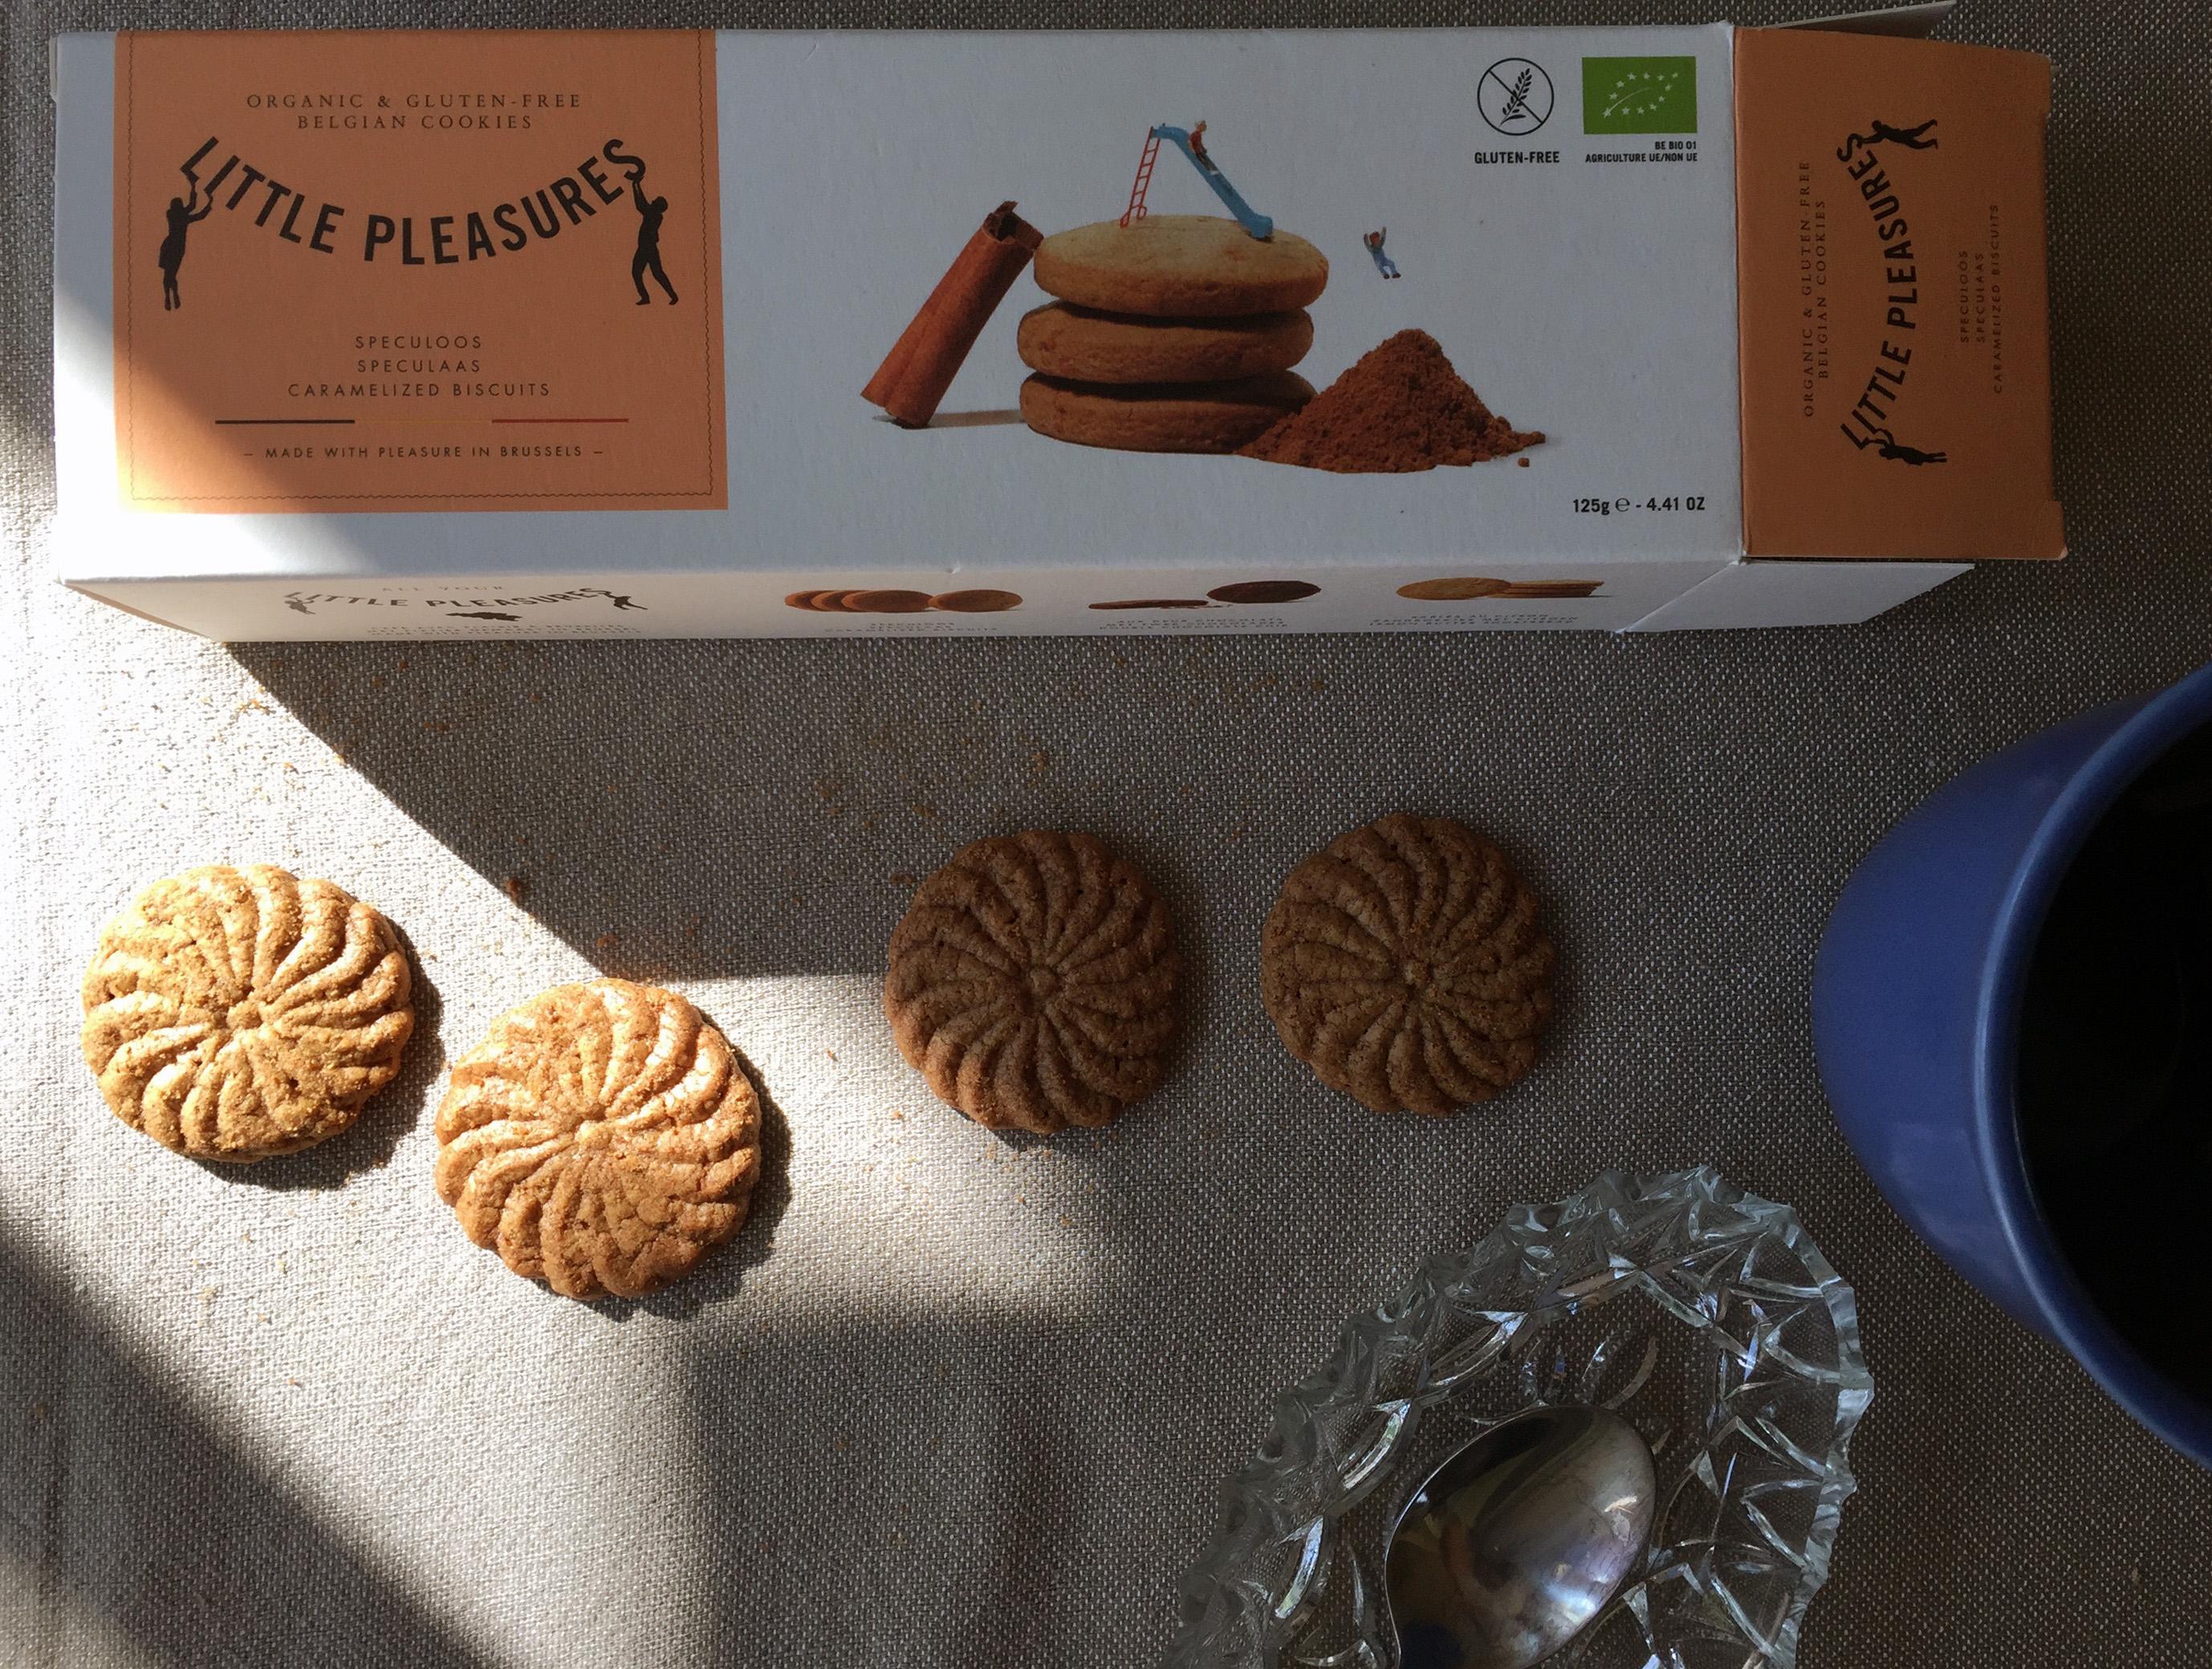 Little Pleasures cookies